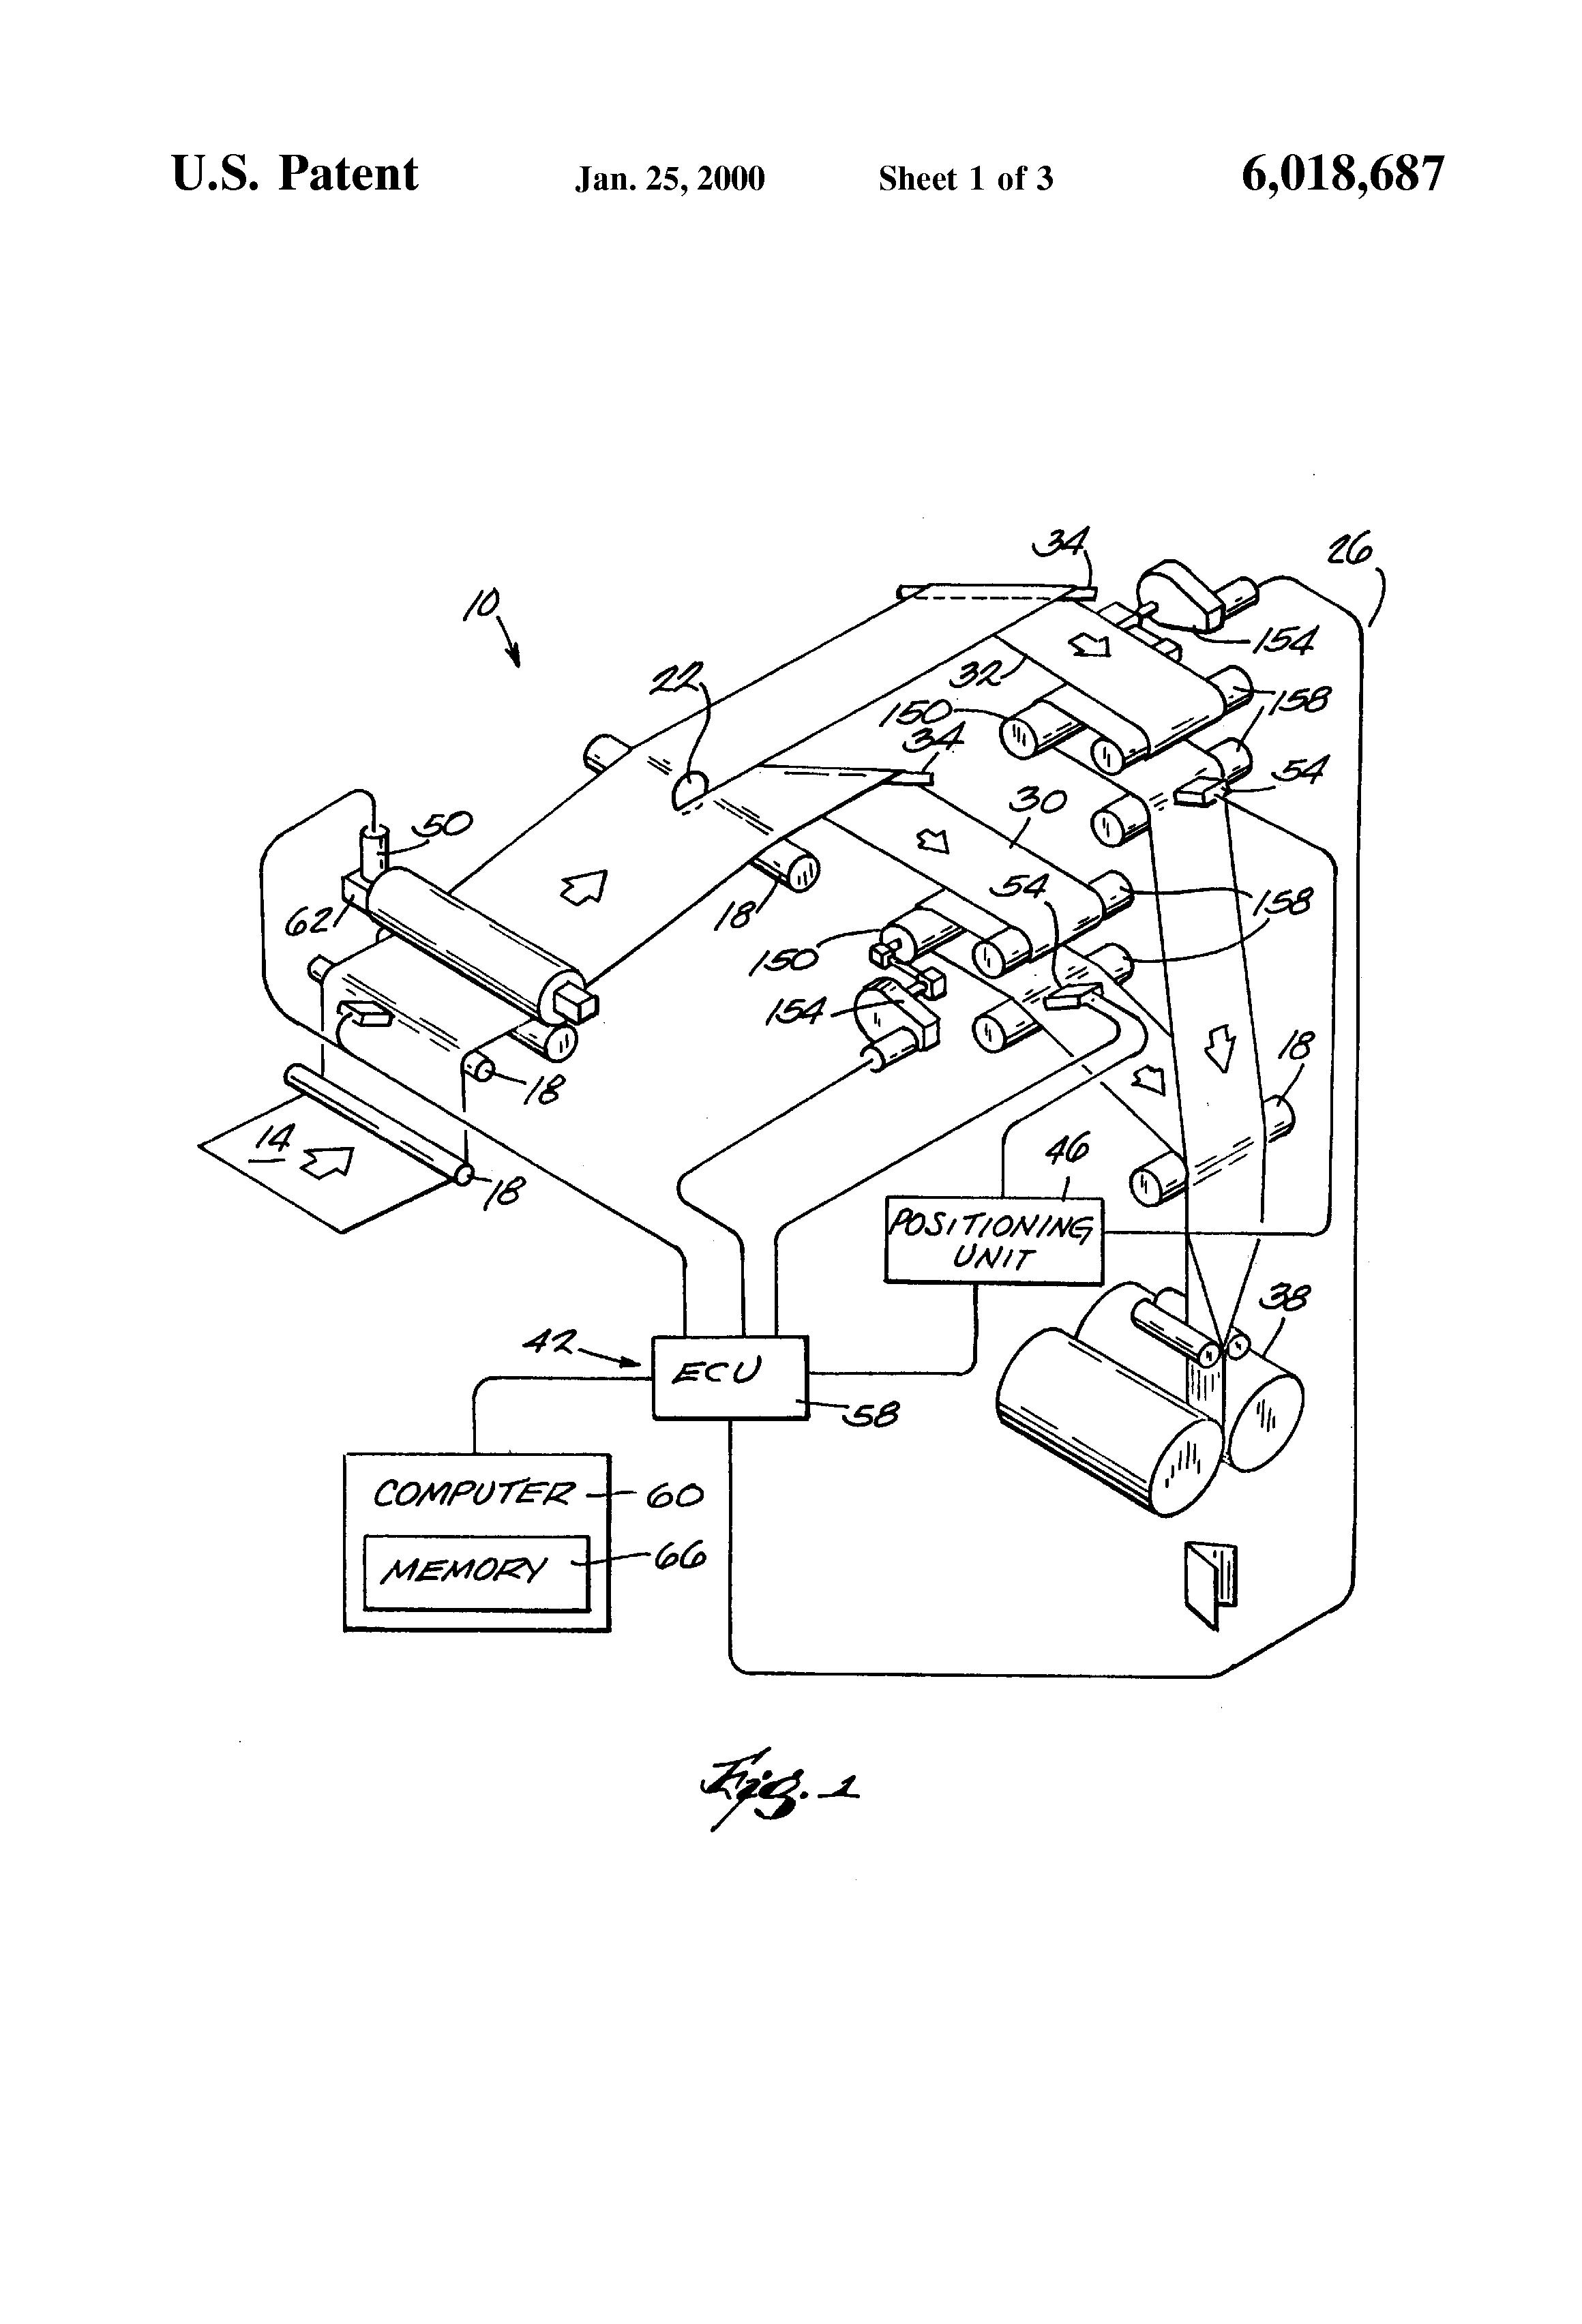 Color printing ecu - Patent Drawing